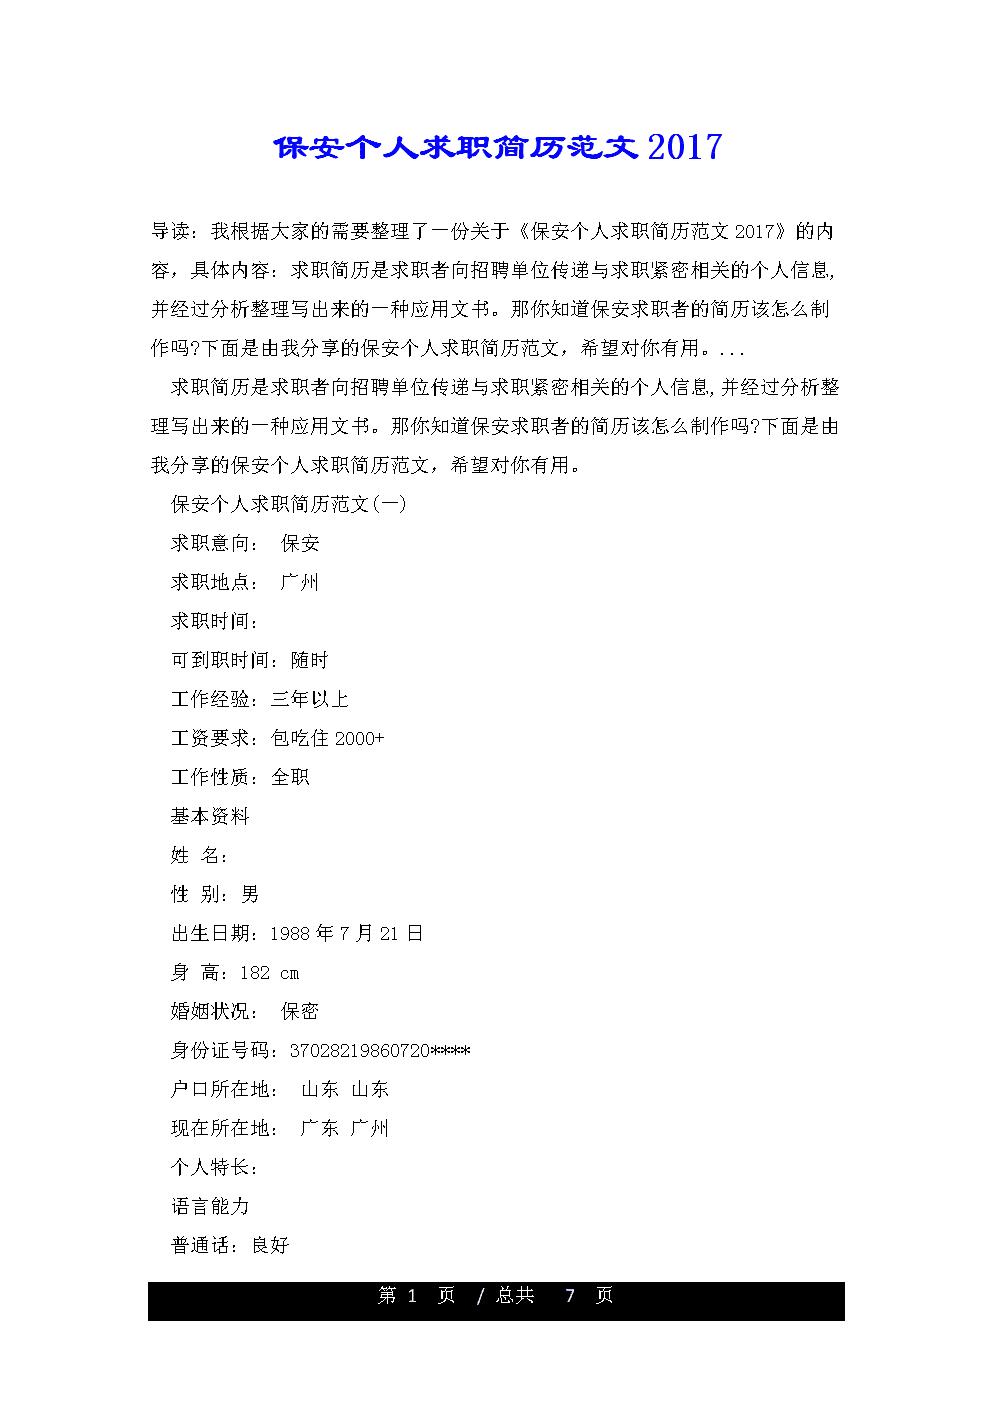 保安个人求职简历范文2017.doc